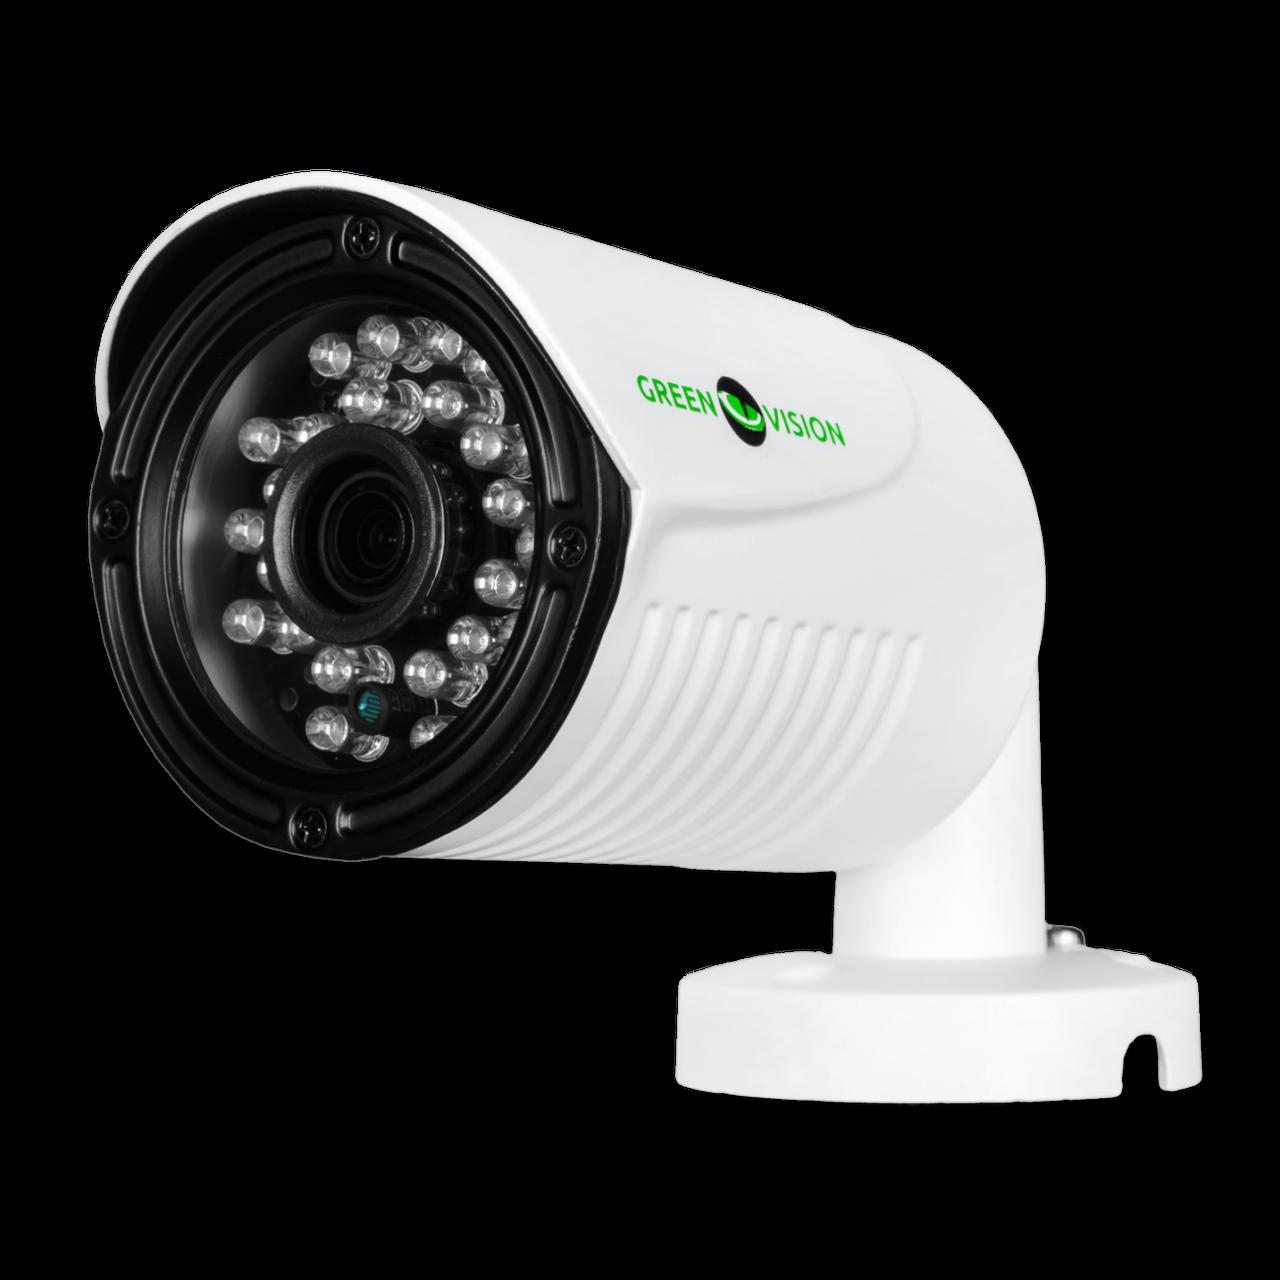 Гибридная наружная камера Green Vision GV-064-GHD-G-COS20-20 1080P